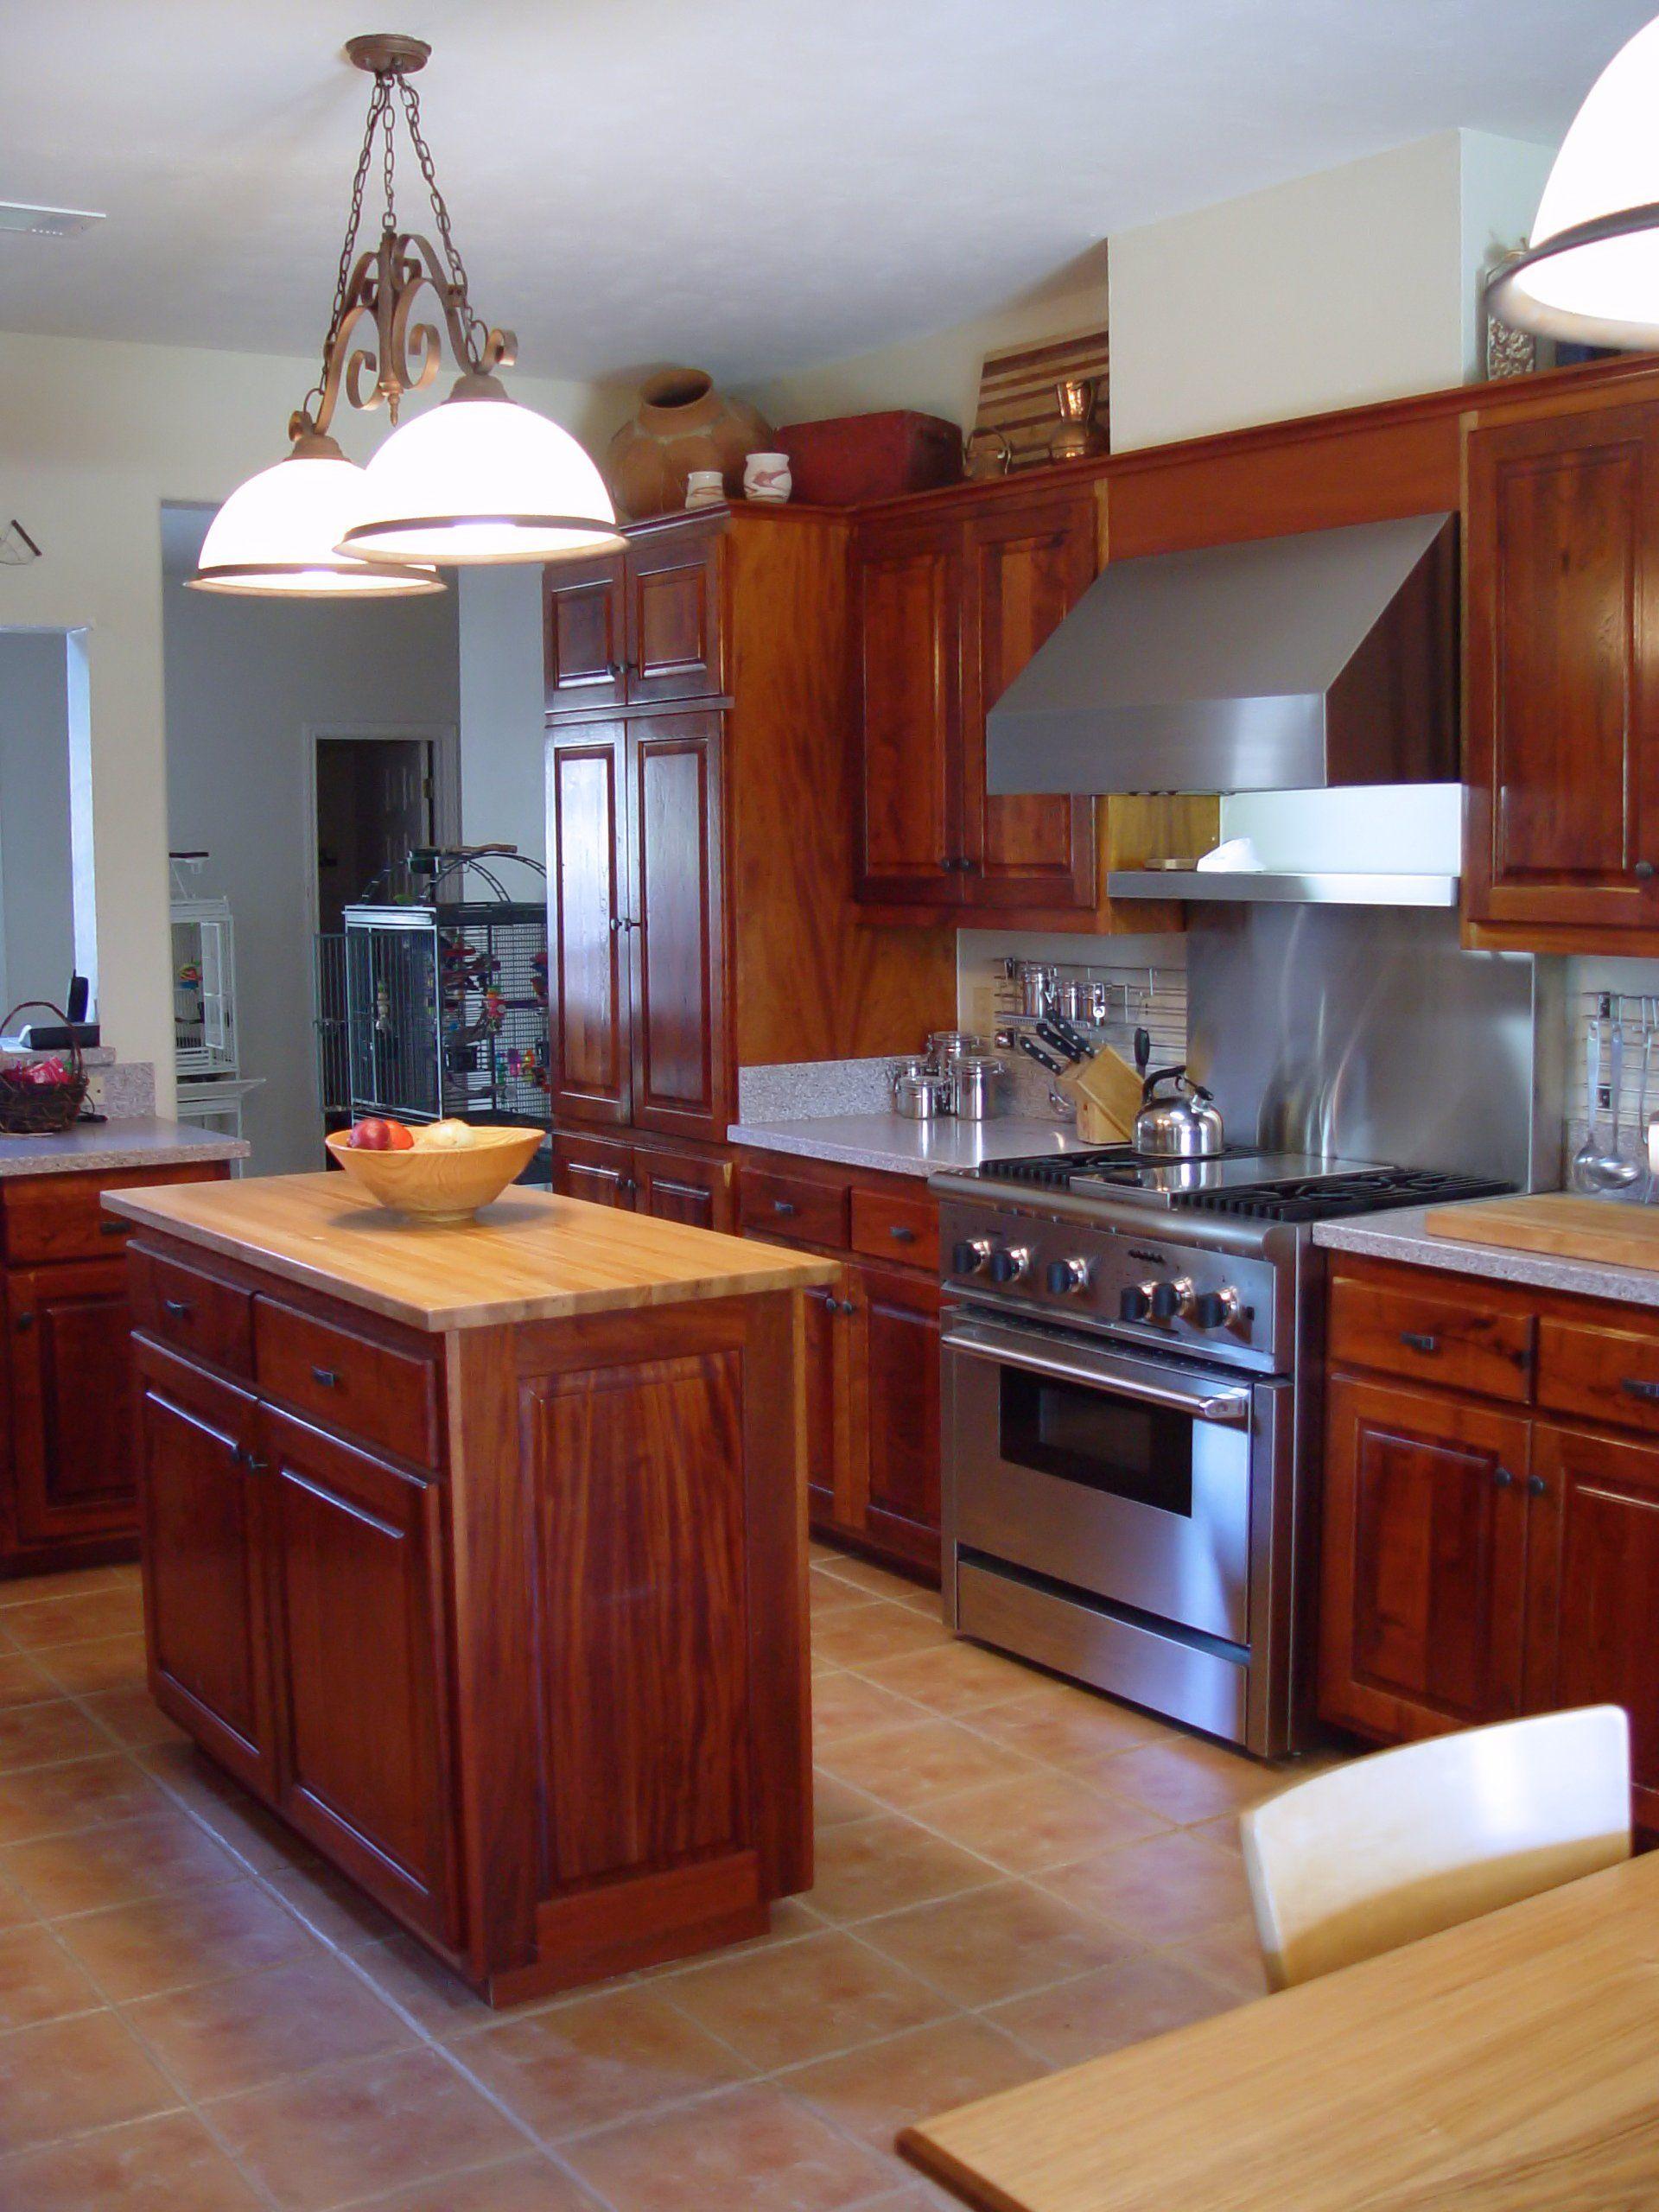 Pecan Photos Custom Wood Countertops, Butcher Block